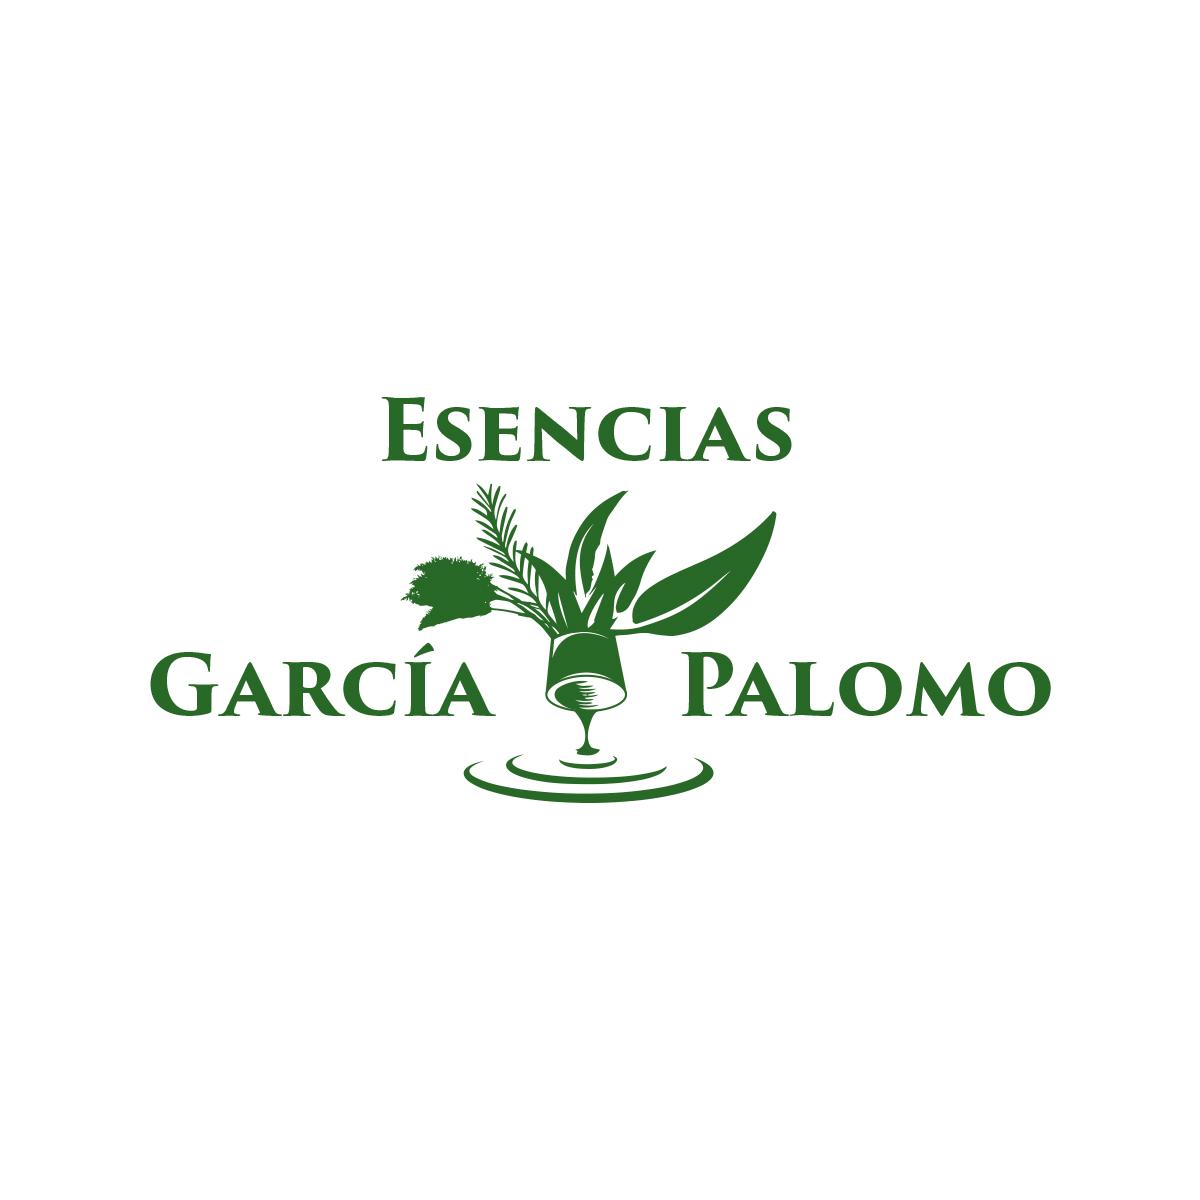 esencias-garcia-palomo